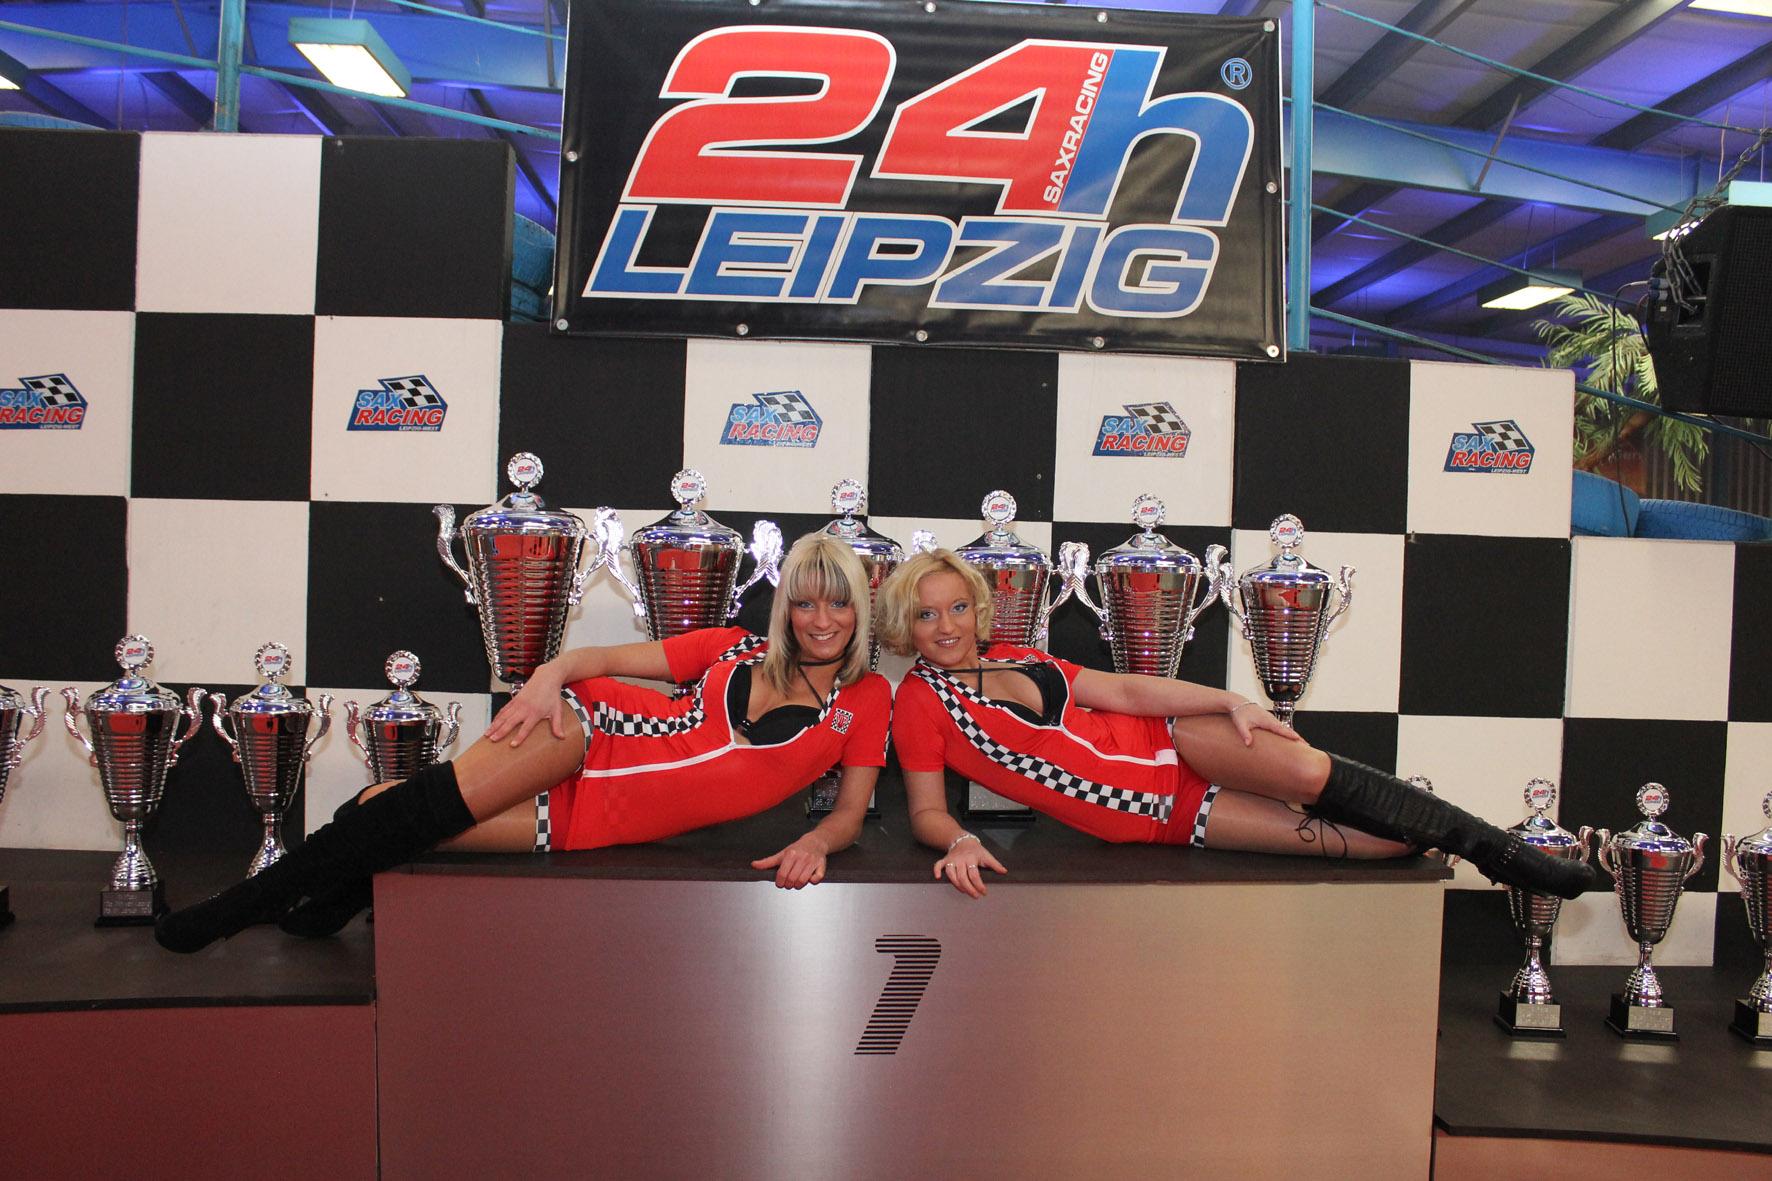 Mauritz Pokale liefert Siegerpokale für 24 Stunden von Leipzig